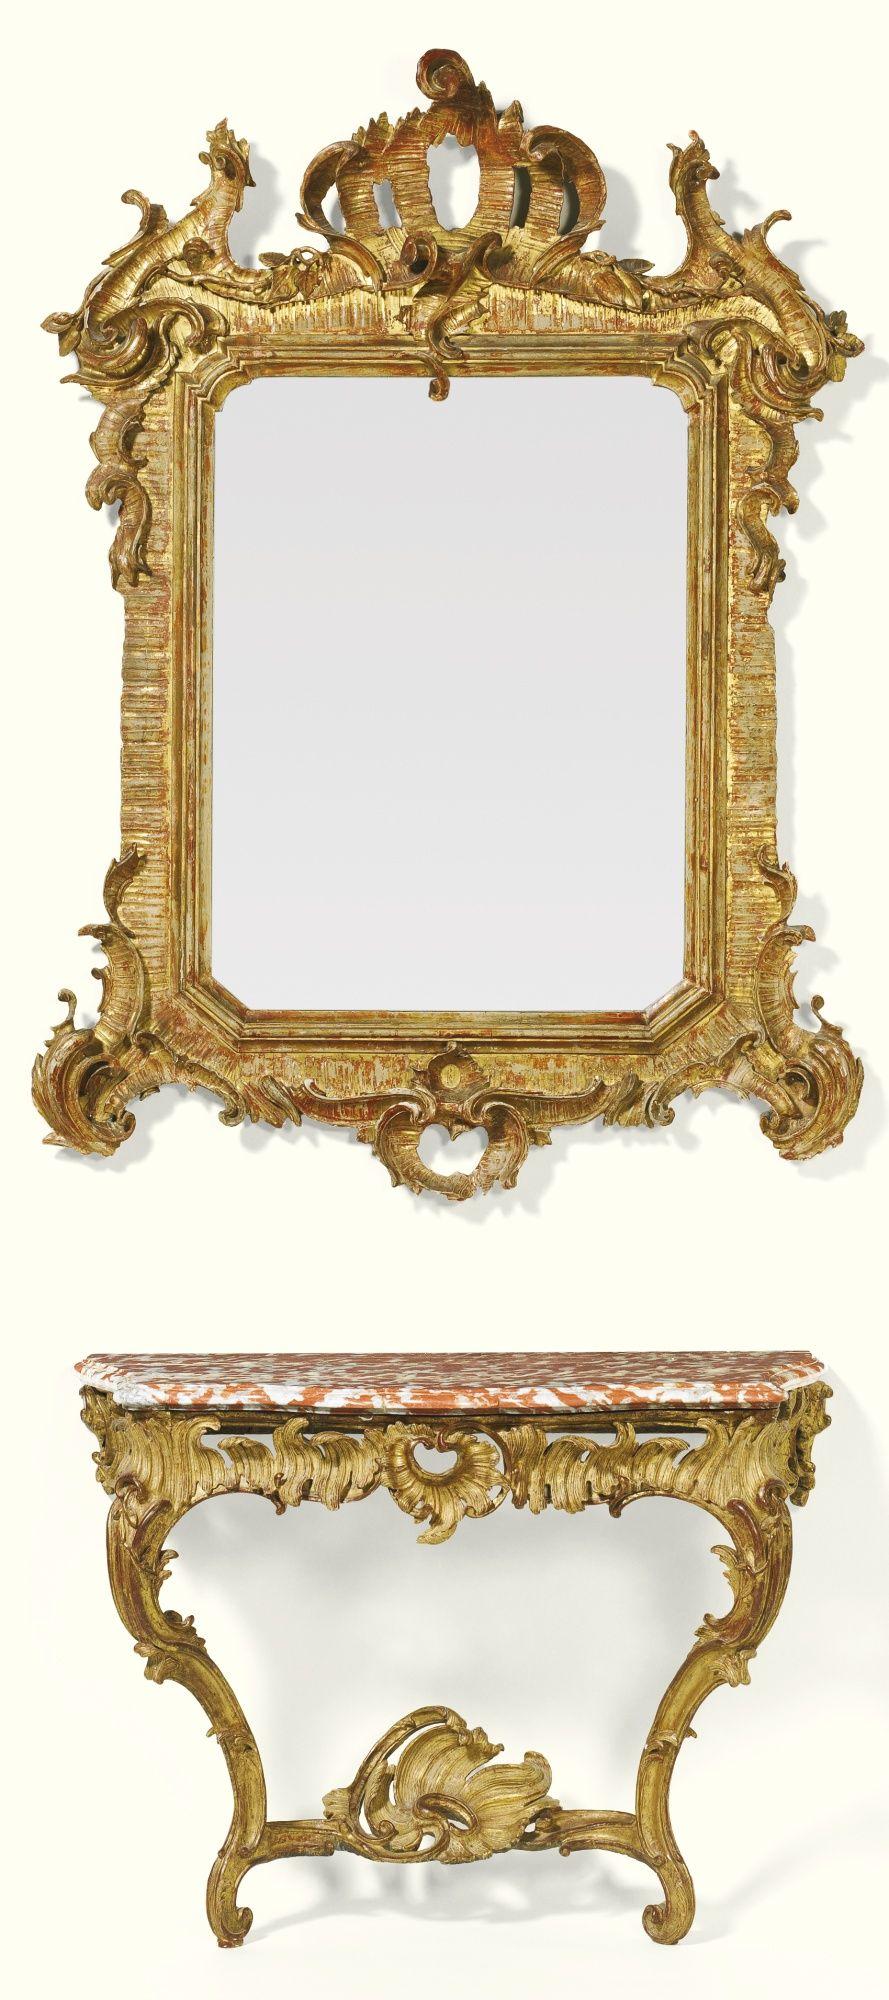 Espejo italiano tallado de madera dorada c.1770 | Mirror mosaic ...